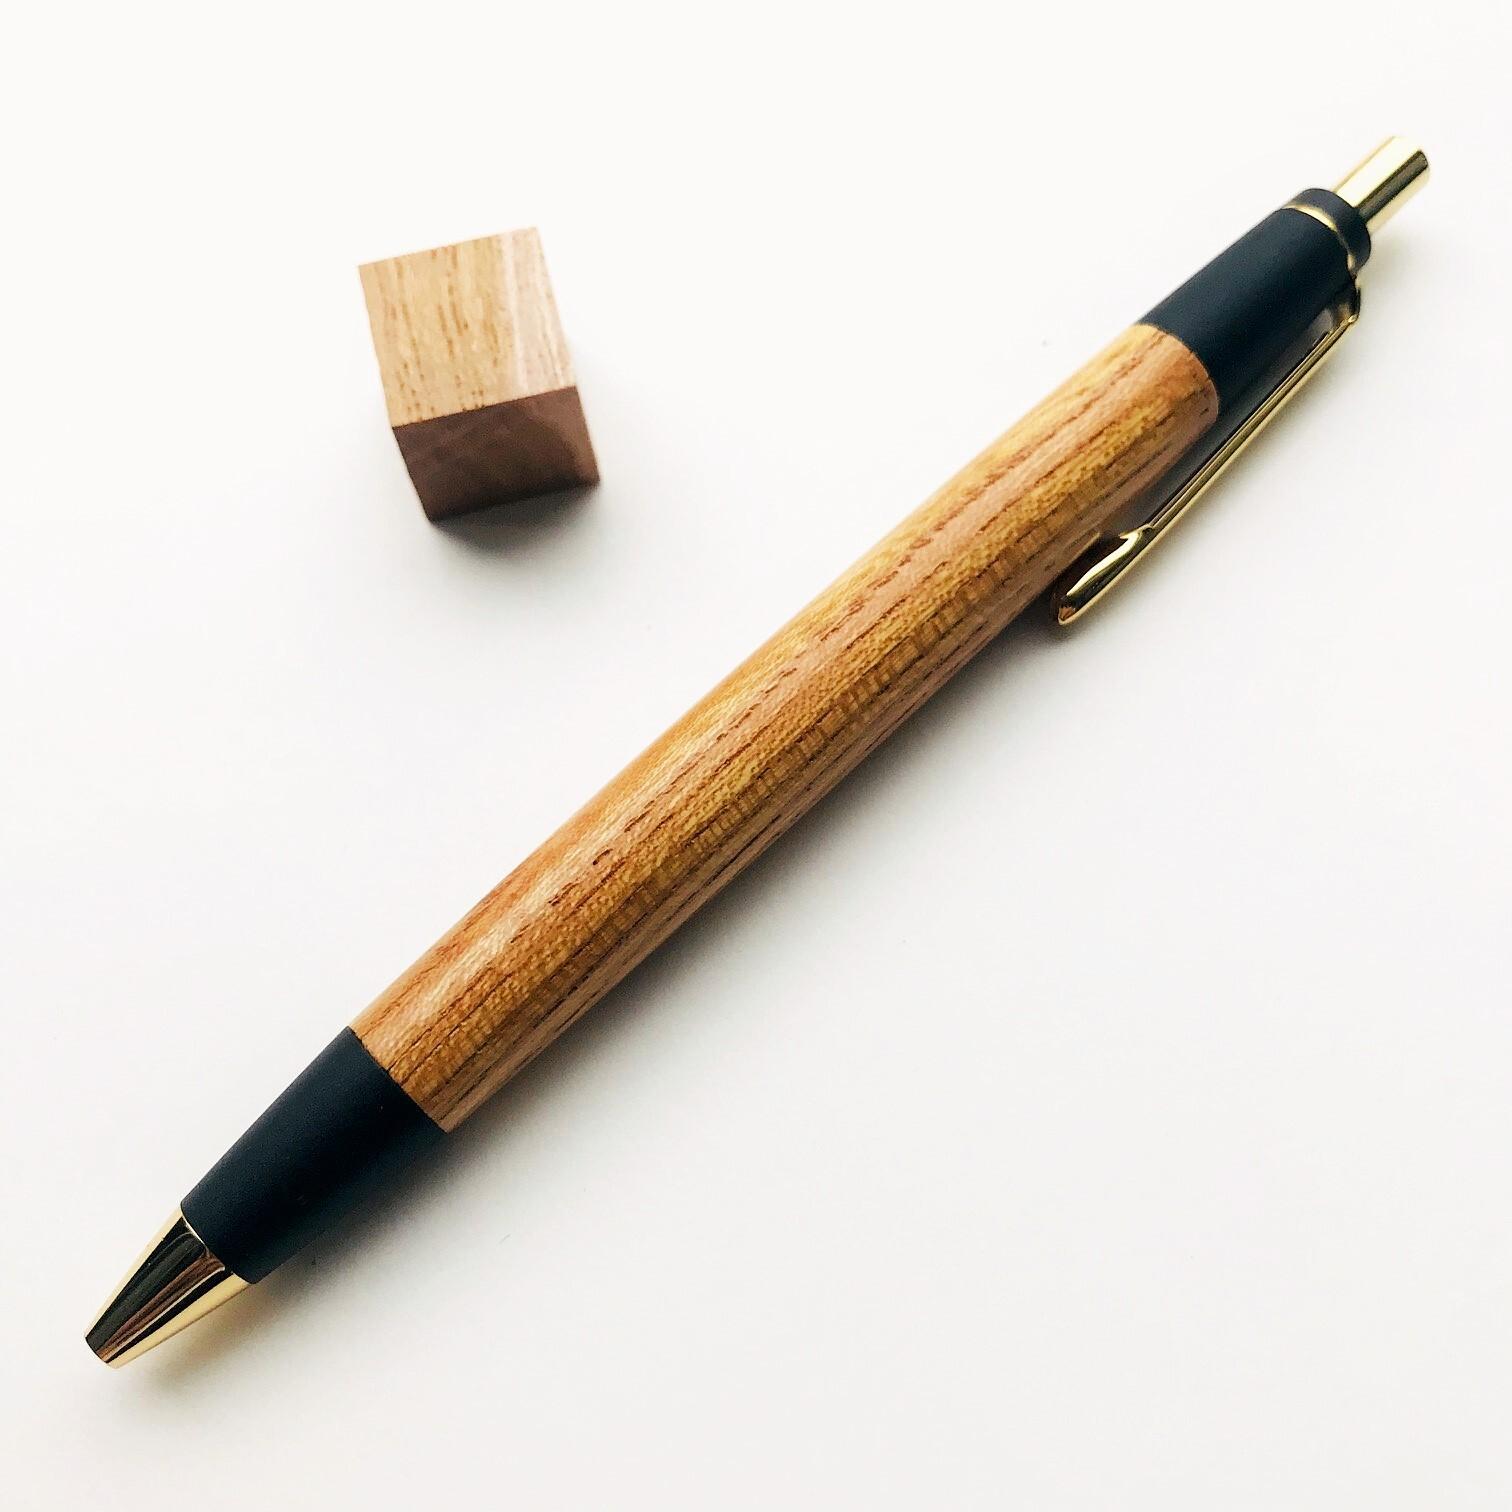 木のシャーペン【ケヤキ】